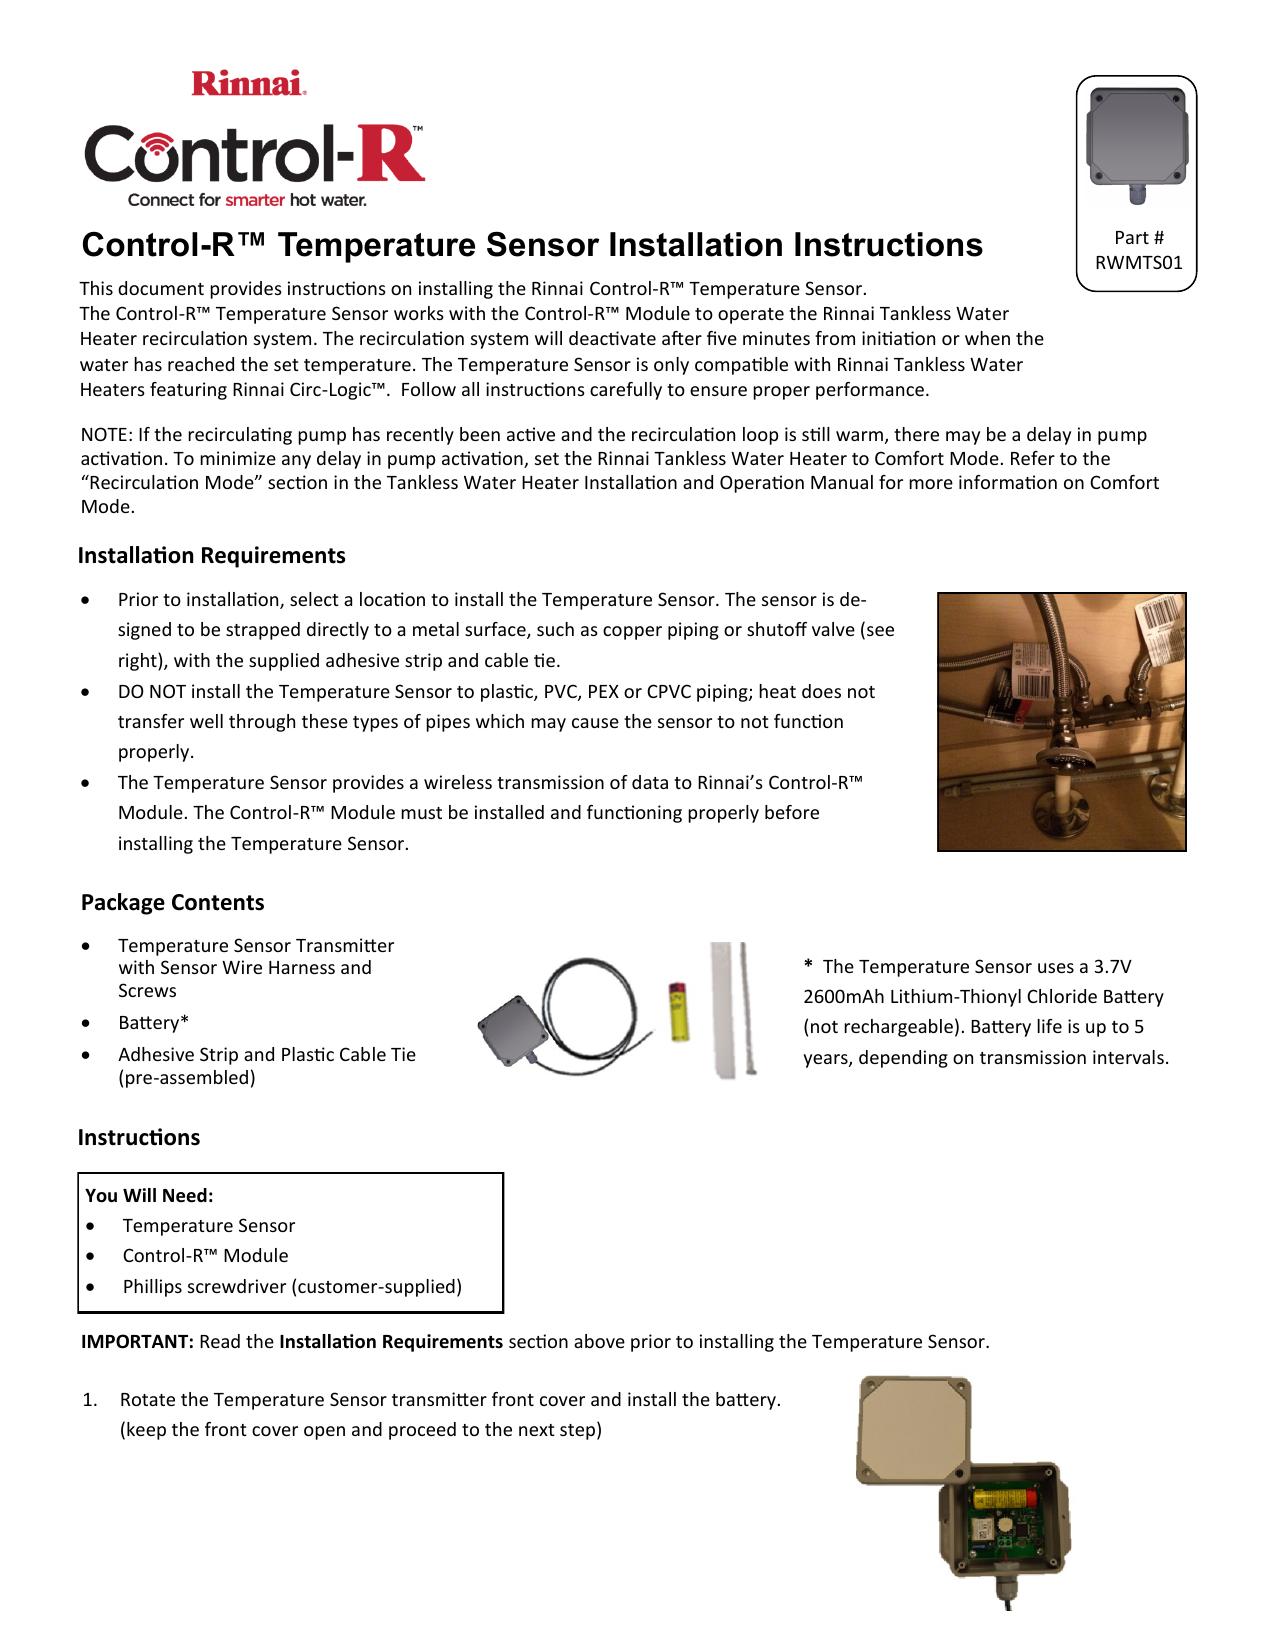 Control-R™ Temperature Sensor Installation Instructions | manualzz com